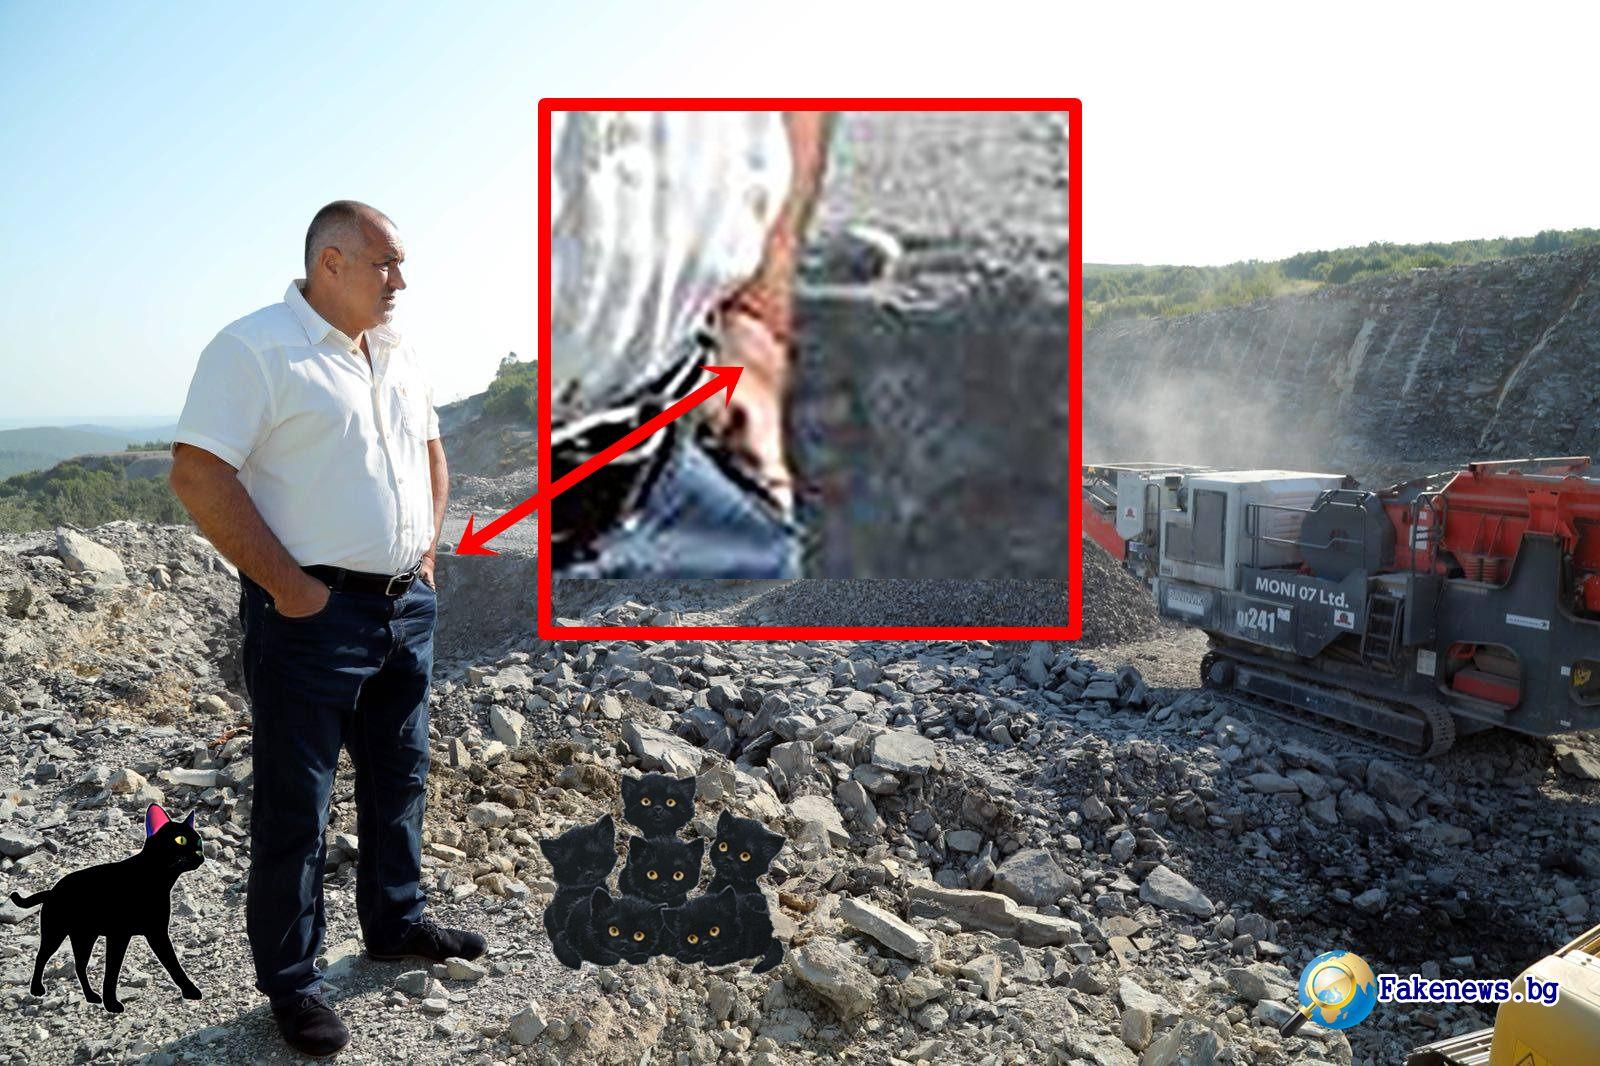 """Най-вероятно Бойко Борисов ще поиска и евтаназия на всички черни котки в страната! Министър-председателят Бойко Борисов инспектира строителството на участъка от АМ """"Хемус"""" между Ябланица и Боаза. Междувременно, на строителната площадка, той обеща пред медиите до 2024 година магистралата да е готова. Новината бе публикувана от правителствения пресцентър, като бе придружена от няколко снимки. Но! Наблюдателни почитатели на премиера забелязаха, че на една от снимките на лявата му китка се вижда червен конец. Този факт предизвика неприкрита нервност в обществото. Тъй като времето на мартениците отдавна мина и щъркелите вече се канят да отлитат на юг, предположенията са, че червеното конче е против уроки. Тази констатация, обаче, доведе до всеобща тревожност – значи Премиерът, респективно – Демокрацията са в опасност?! Представете си, че нечии лоши очи /то се знае чии – на опозицията!/ урочасат Бойко. Това ще доведе до главоболие, отпадналост и сънливост, което ще свали неговата пословична работоспособност с 54 до 69 %. Според Института за изследване на демокрацията, този личностен регрес неизбежно ще рефлектира върху националния обществено-политически живот и най-вече върху икономиката, като ще доведе до главоломен спад на преките чуждестранни инвестиции, на БВП и на досегашния завиден ръст от 3,9 % на година. Нещо повече – политолози предупреждават, че едно евентуално урочасване на Премиера би довело до забавяне с 1 до 5 години /или пък до провал – пу-пу! да чукнем на дърво!/ на такива стратегически начинания като АМ """"Хемус"""", АМ """"Струма"""" и третия лъч на метрото /да не говорим за влизането в евро-чакалнята/. Спонтанно създаденият от гражданското общество Кризисен щаб набеляза следните спешни мерки за предотвратяване на опасността, надвиснала над Родината: 1. Осигуряване в спешен порядък на нужния ресурс от червени конци, с които да бъдат въоръжени против урочасване членовете на партията, издигнала Премиера, а също така и всички родолюбиви граждани, селяни и мигранти. От"""